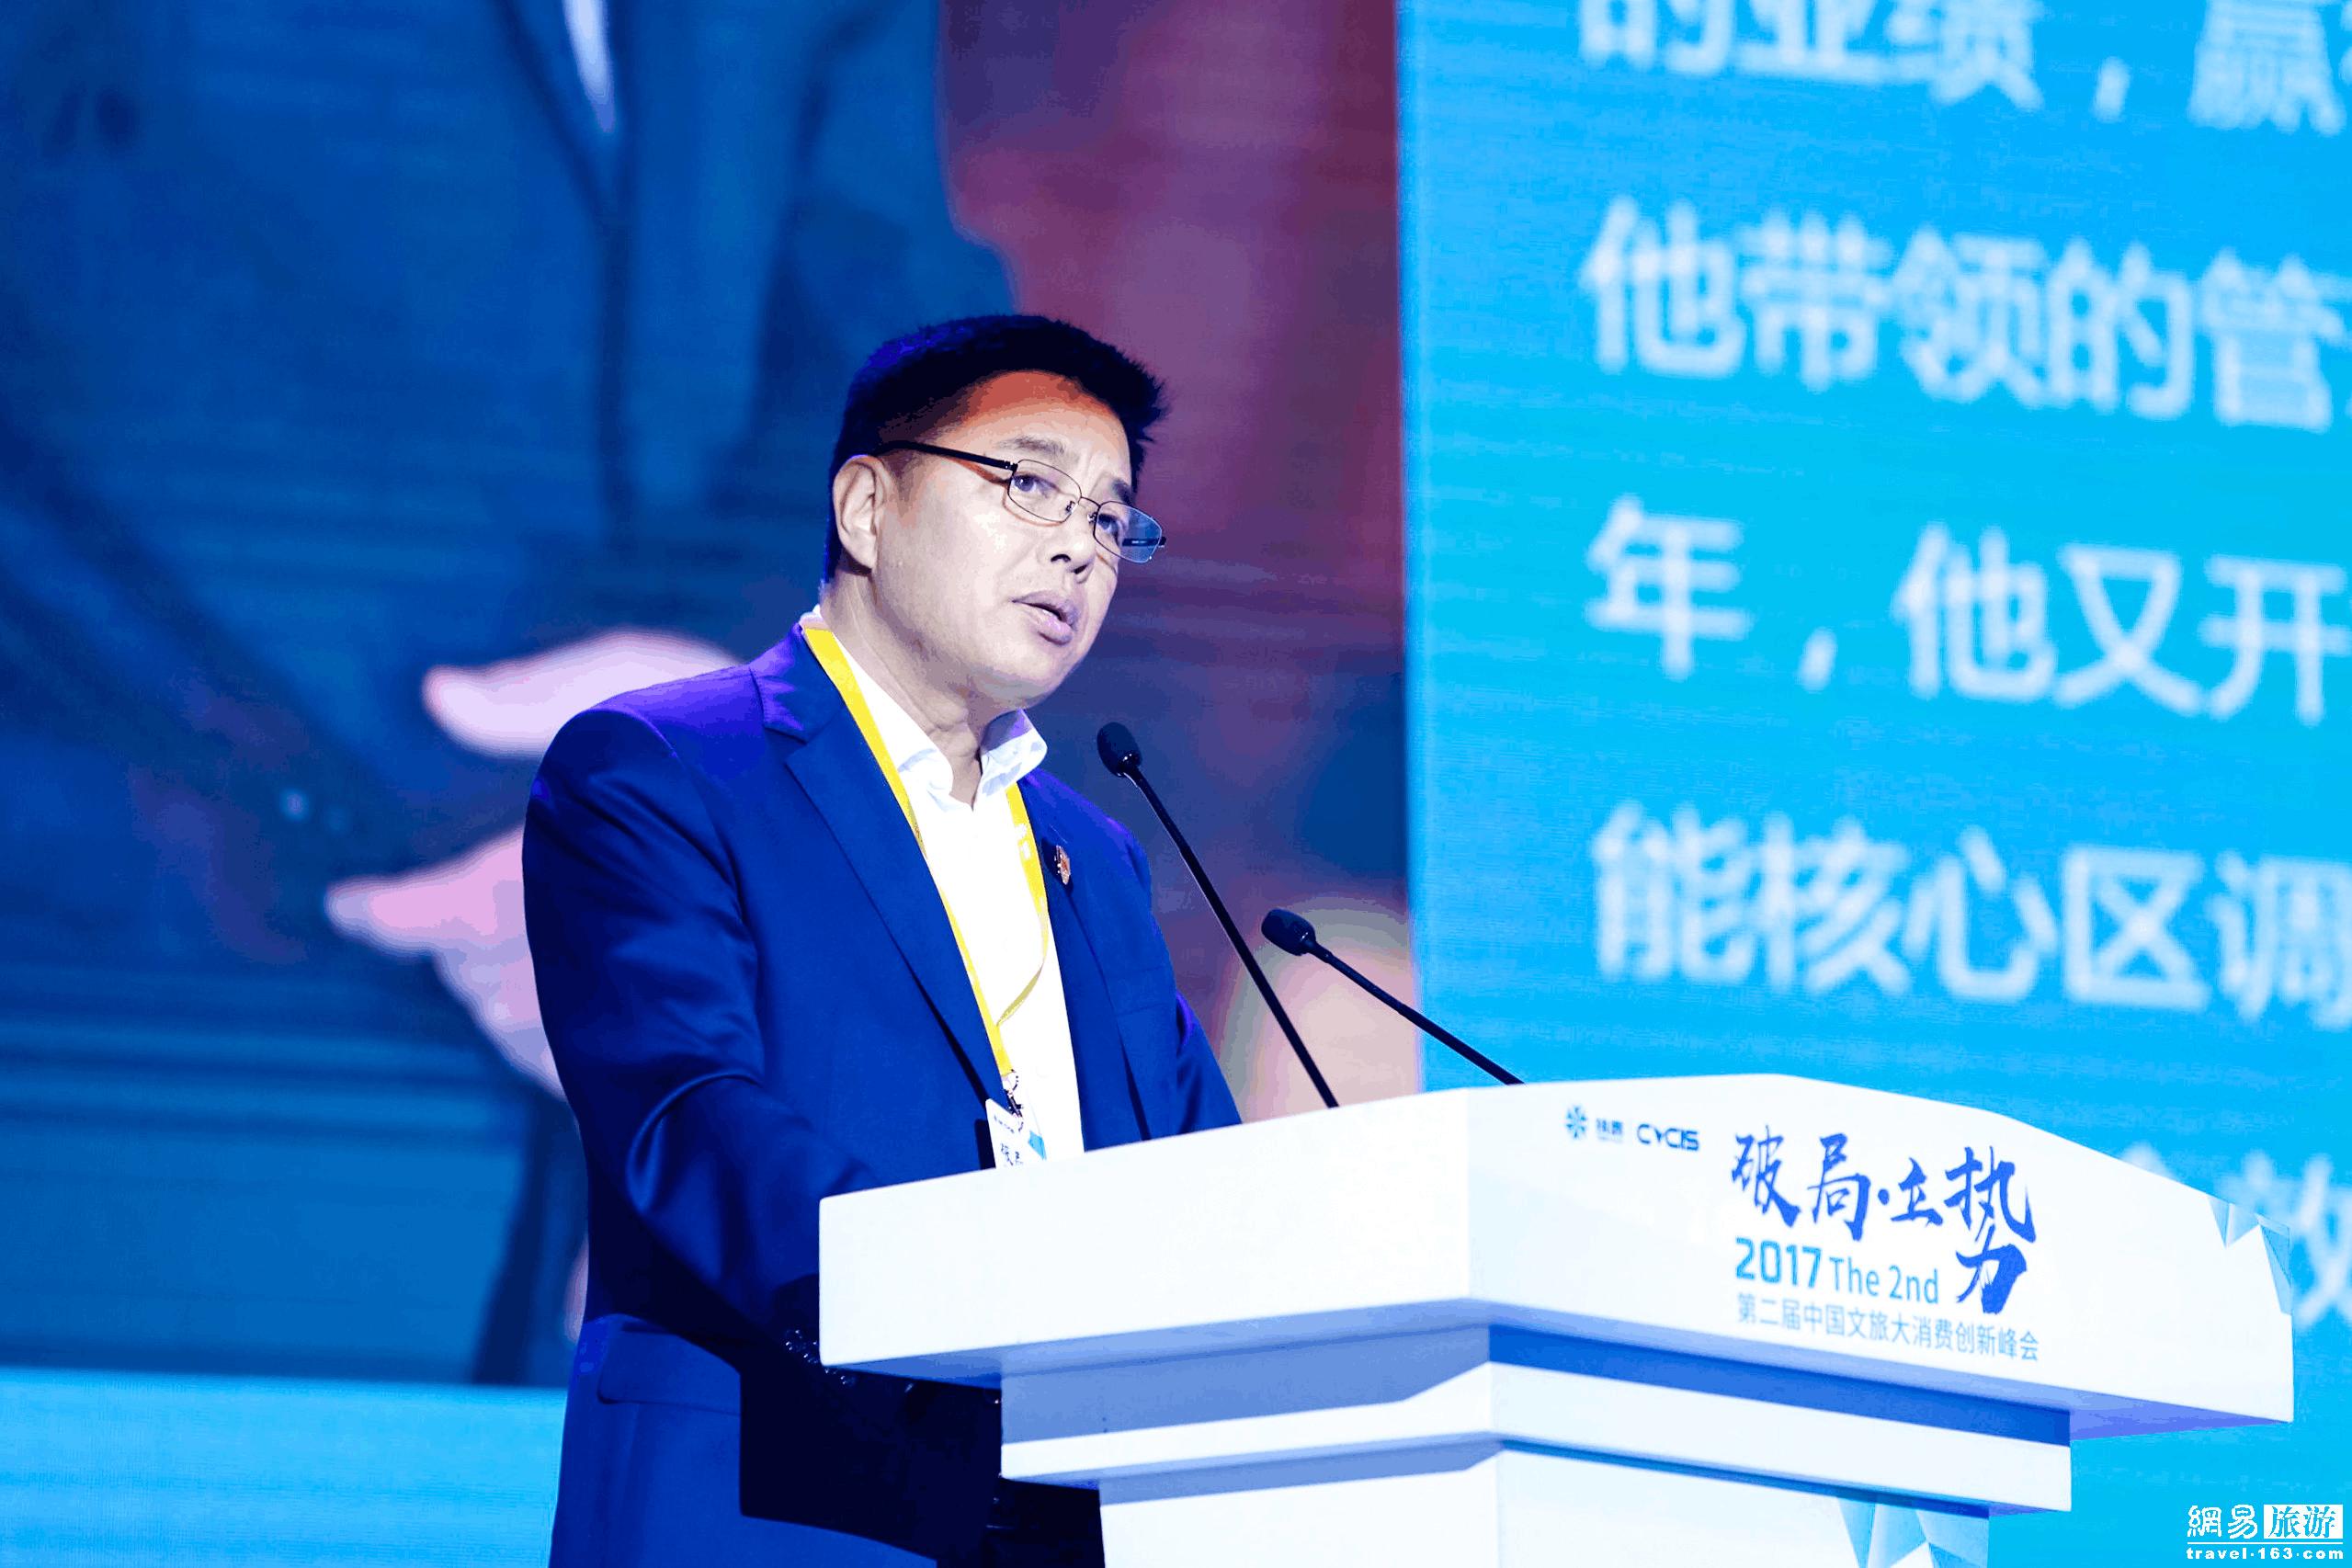 尚国治:旅游行业迫切需要转变和革新